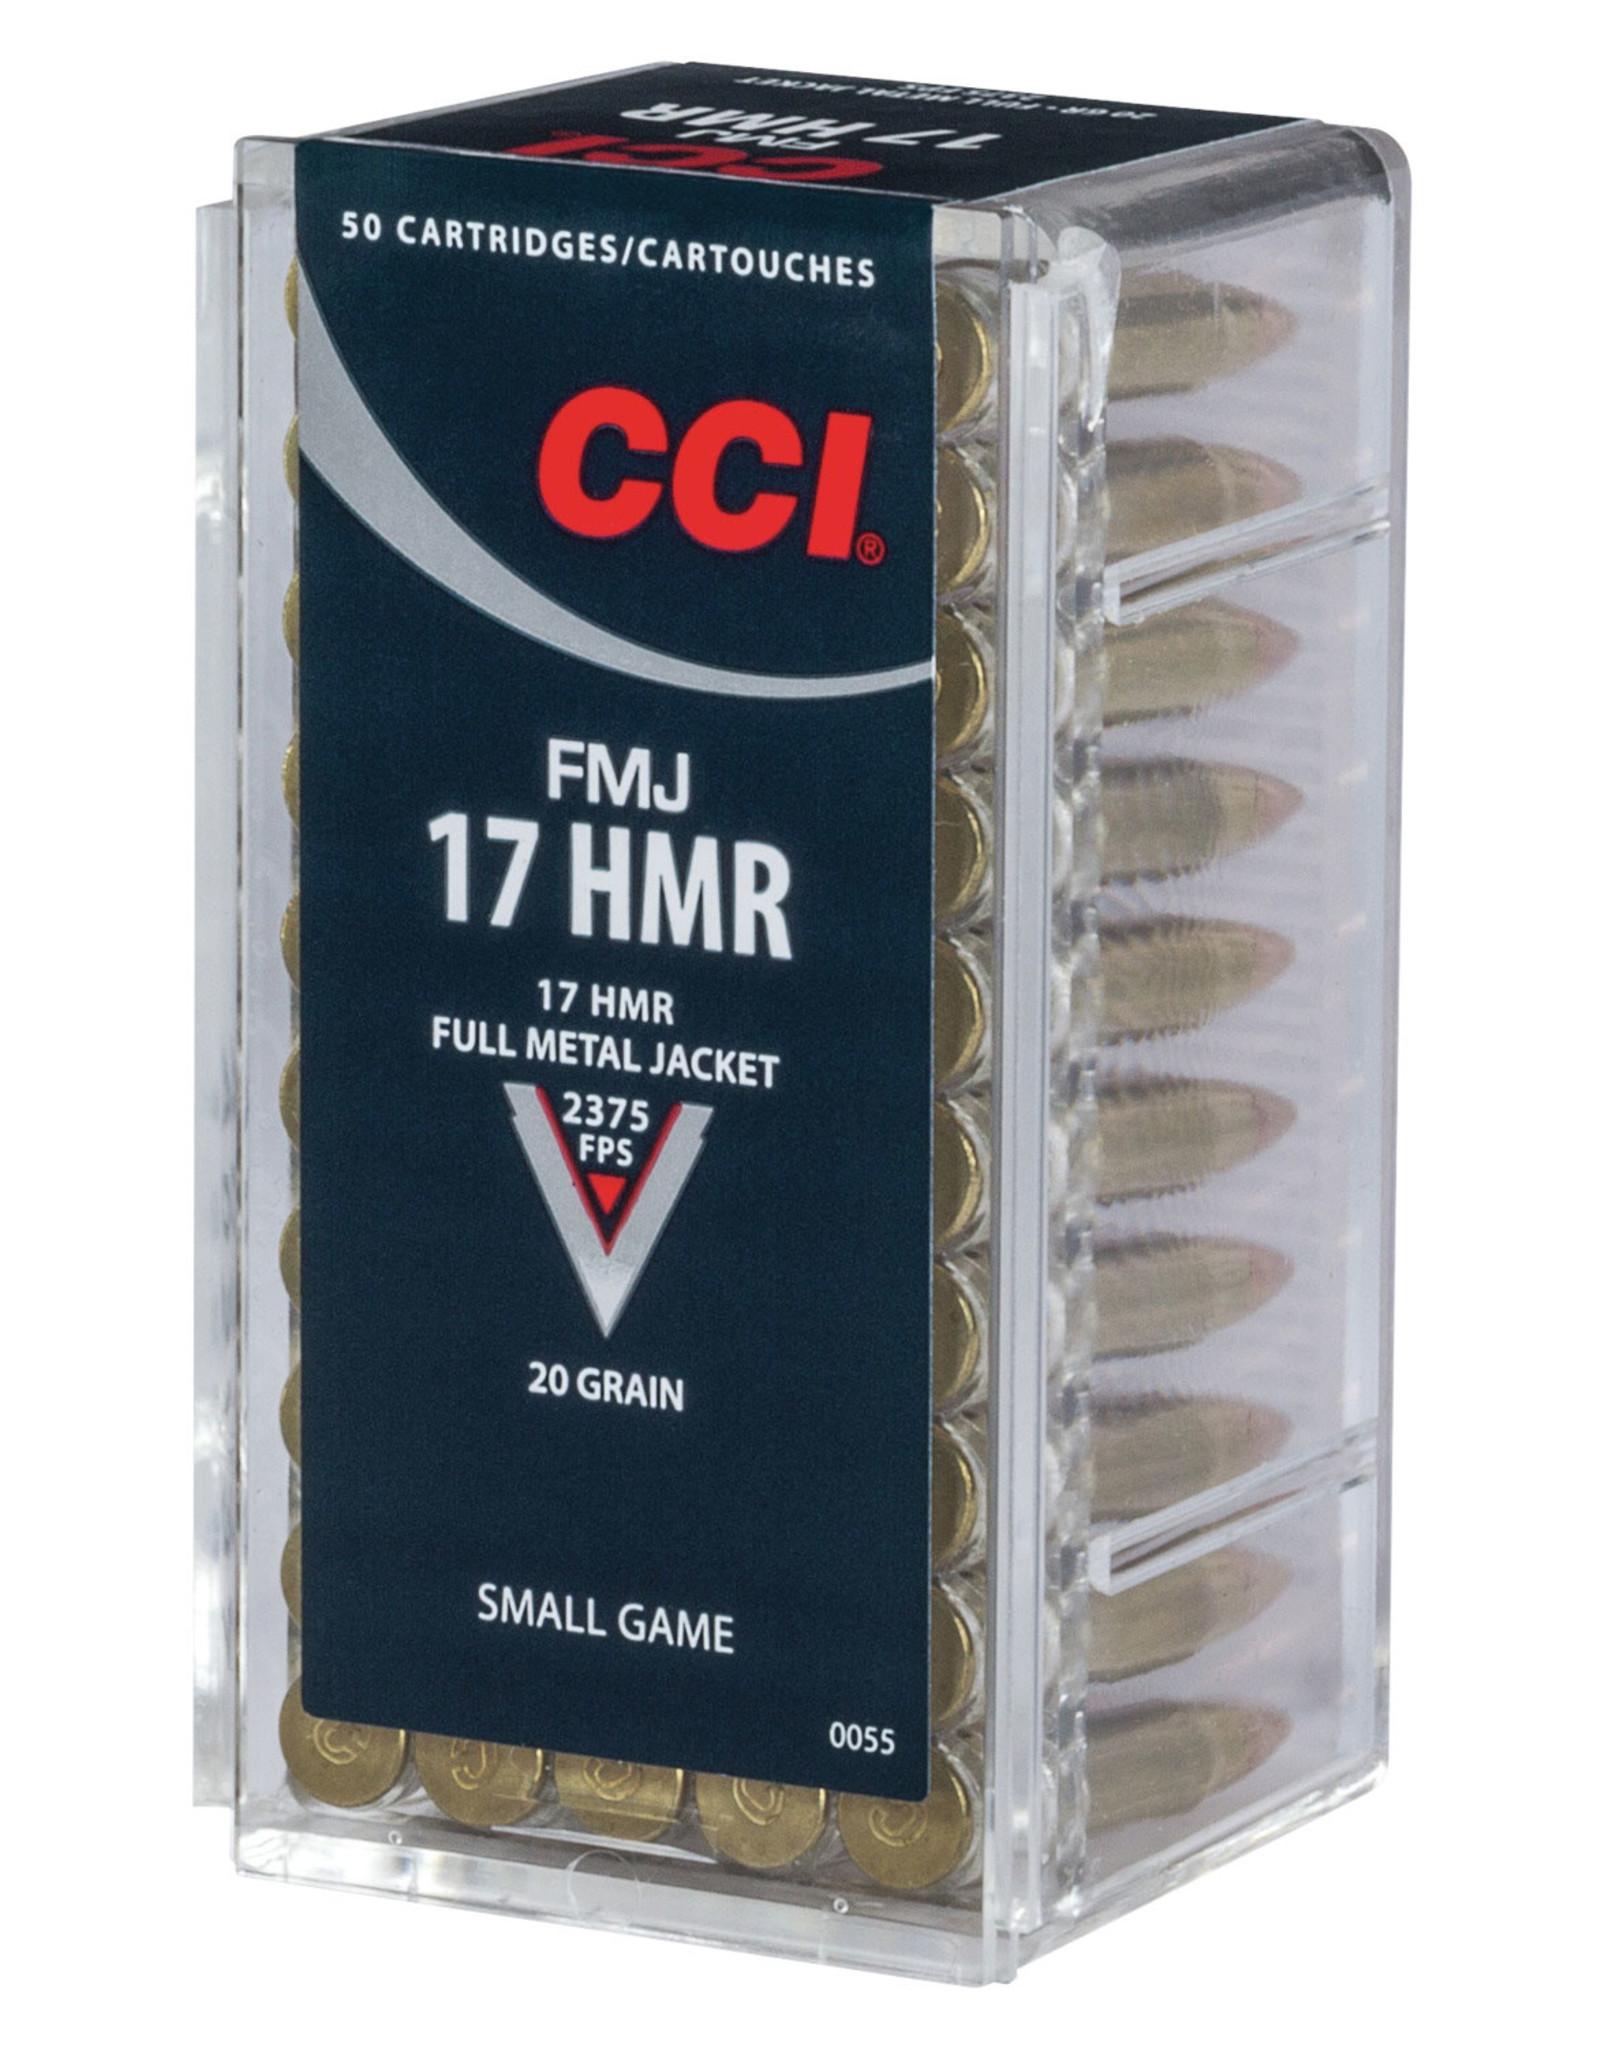 CCI CCI Small Game 17 HMR 20 Gr FMJ - 50 Count Box